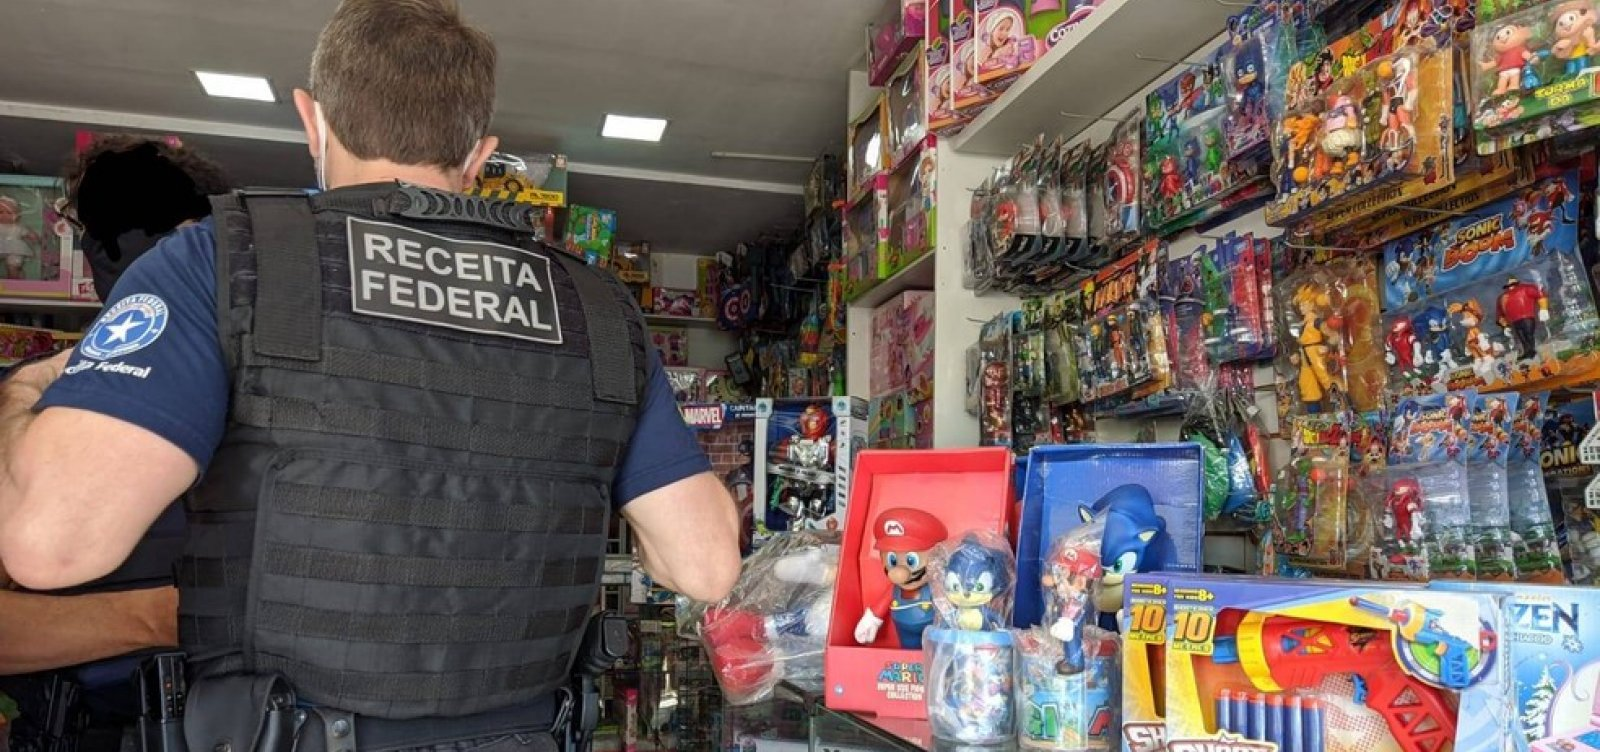 Mercadoria falsificada é apreendida em Vitória da Conquista